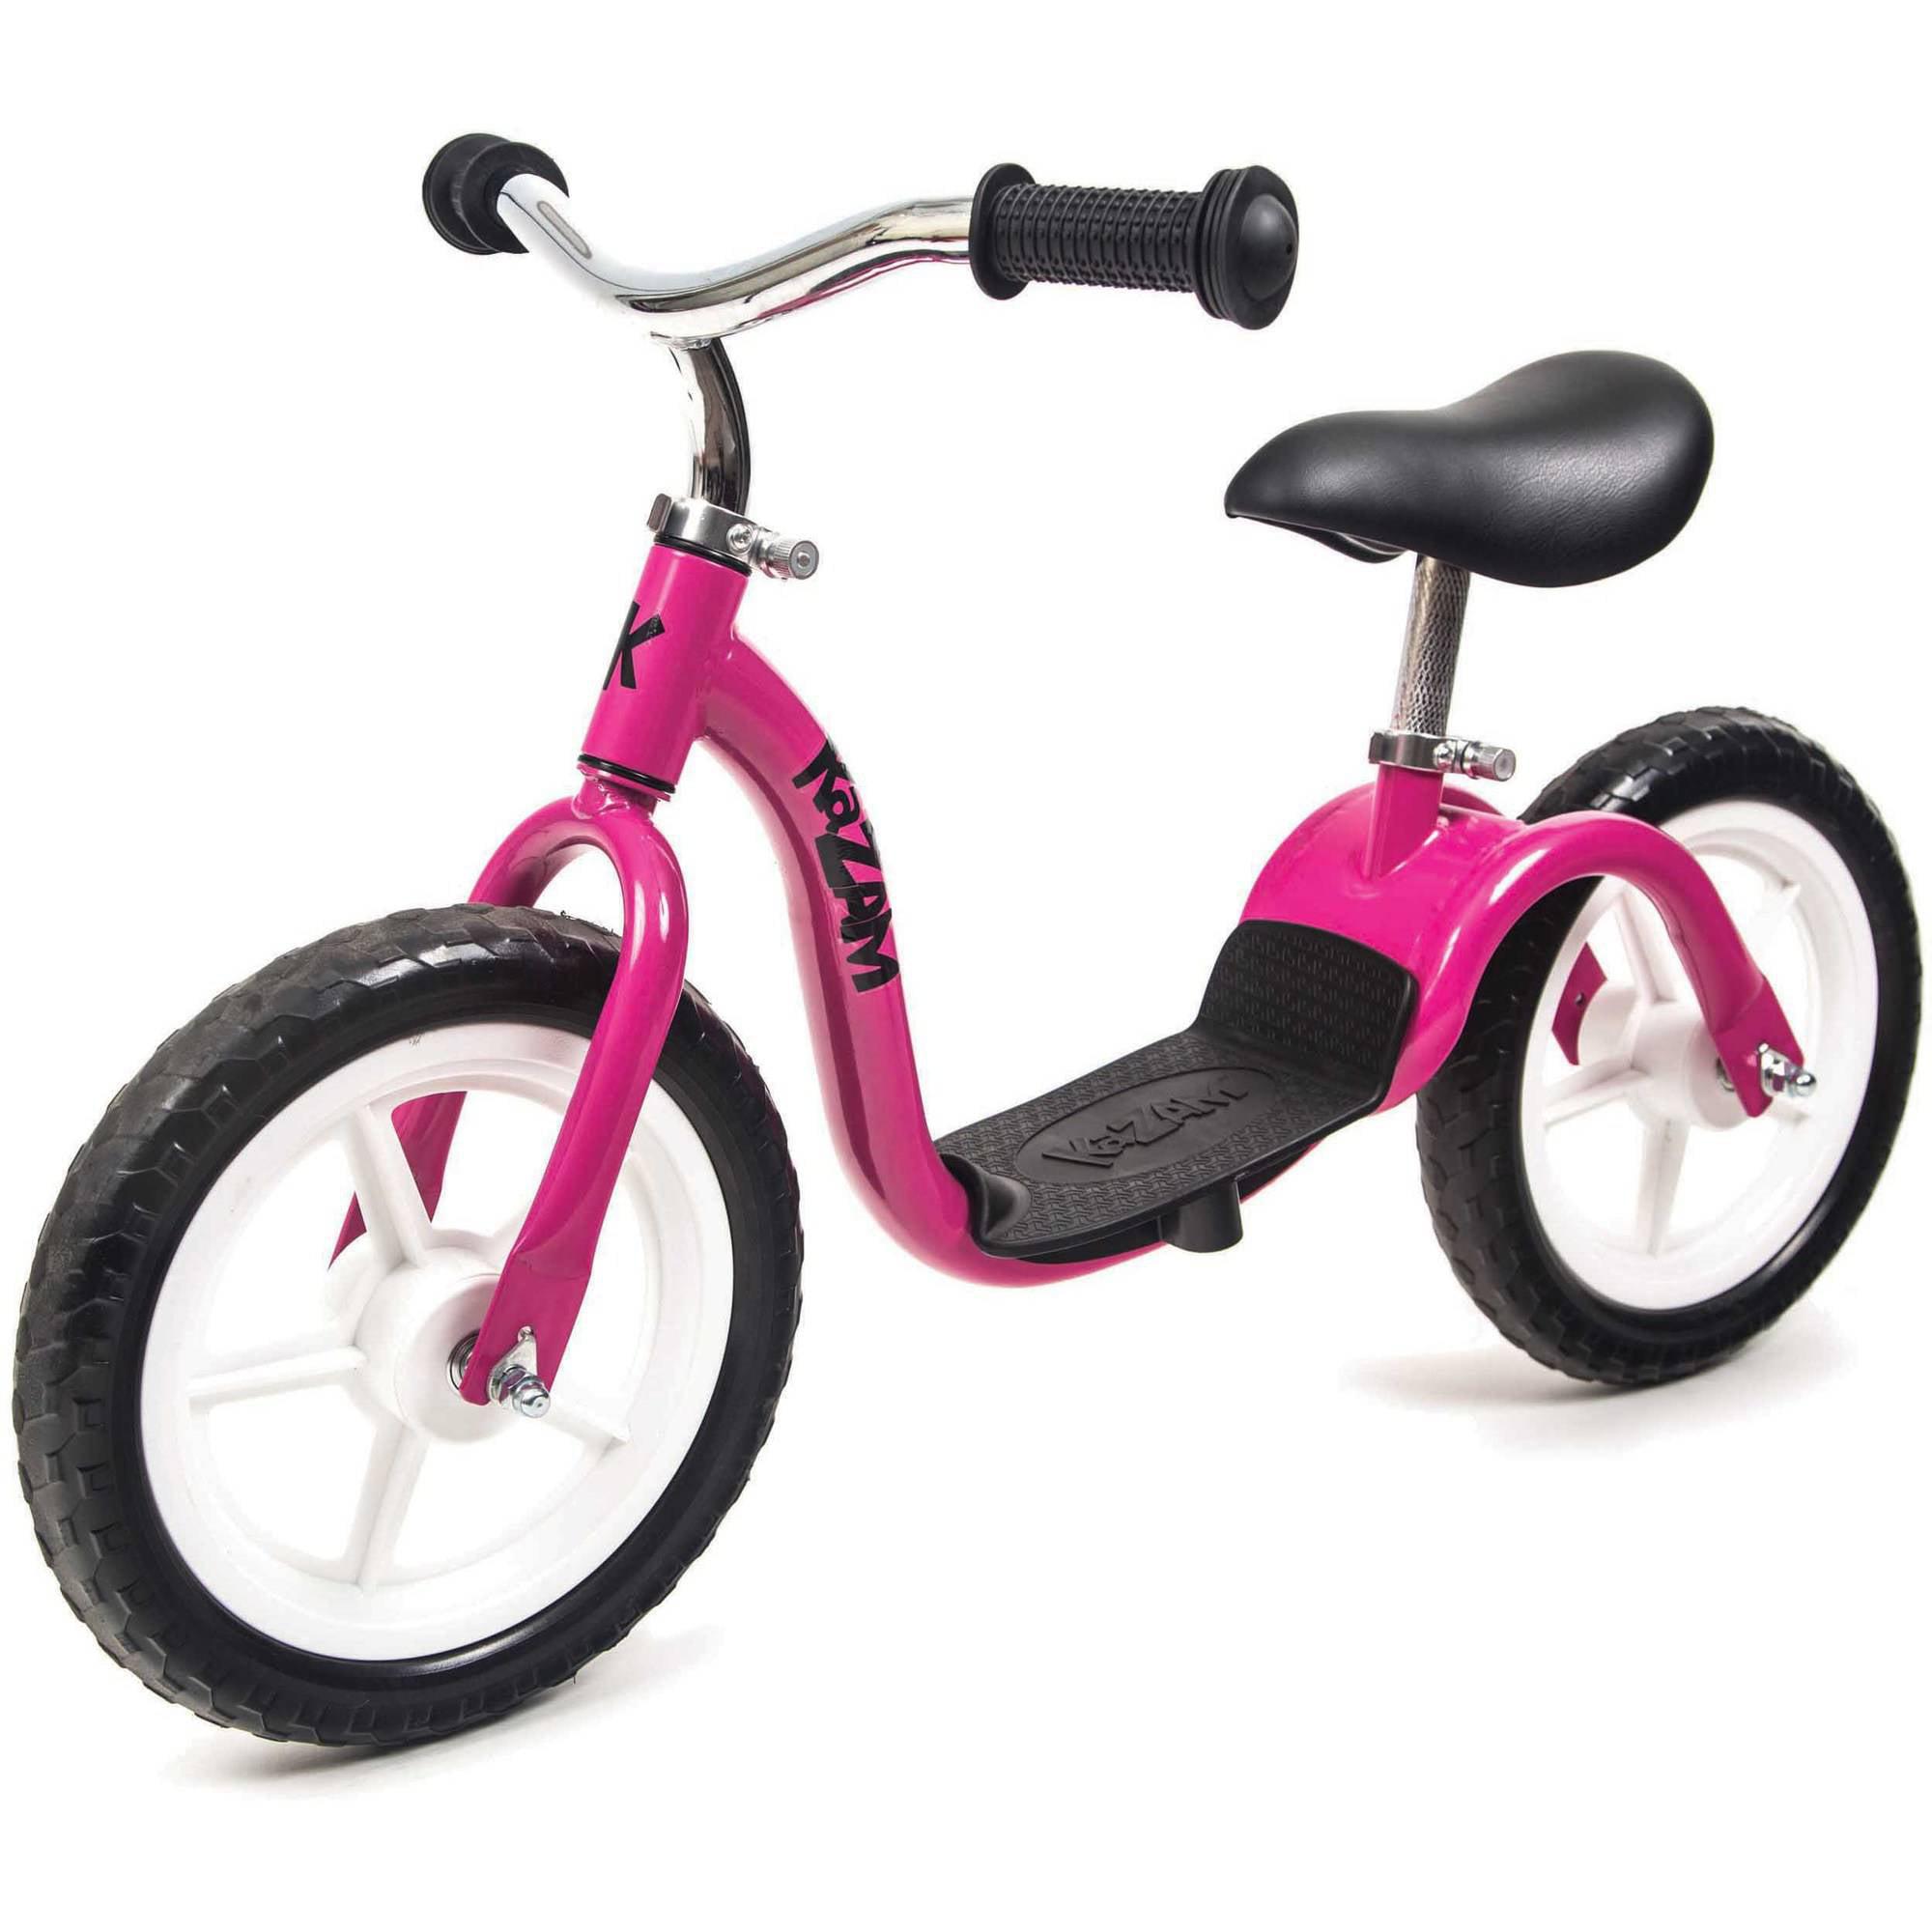 KaZAM Child's, Tyro Balance Bike v2e, Pink, For Ages 2-5